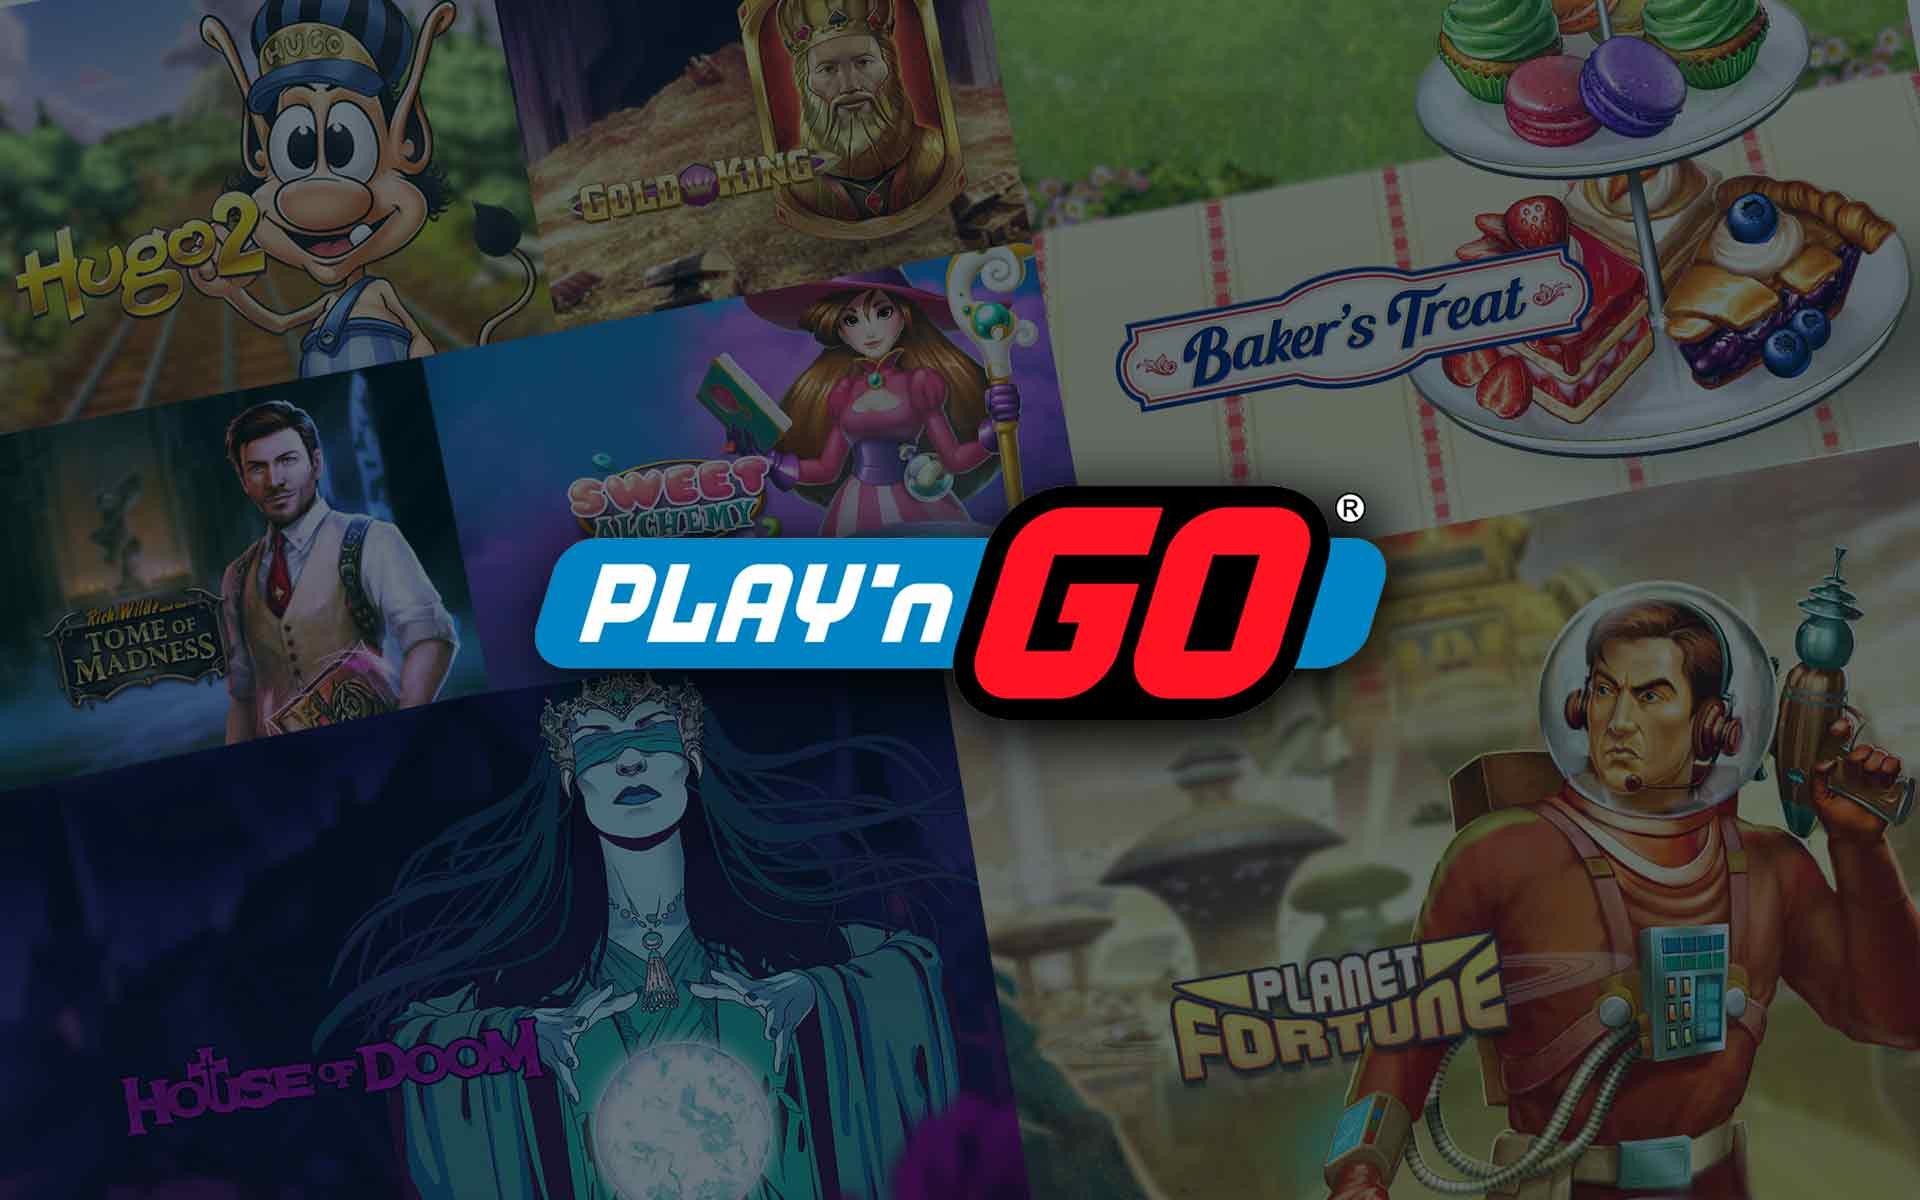 play n' go provider